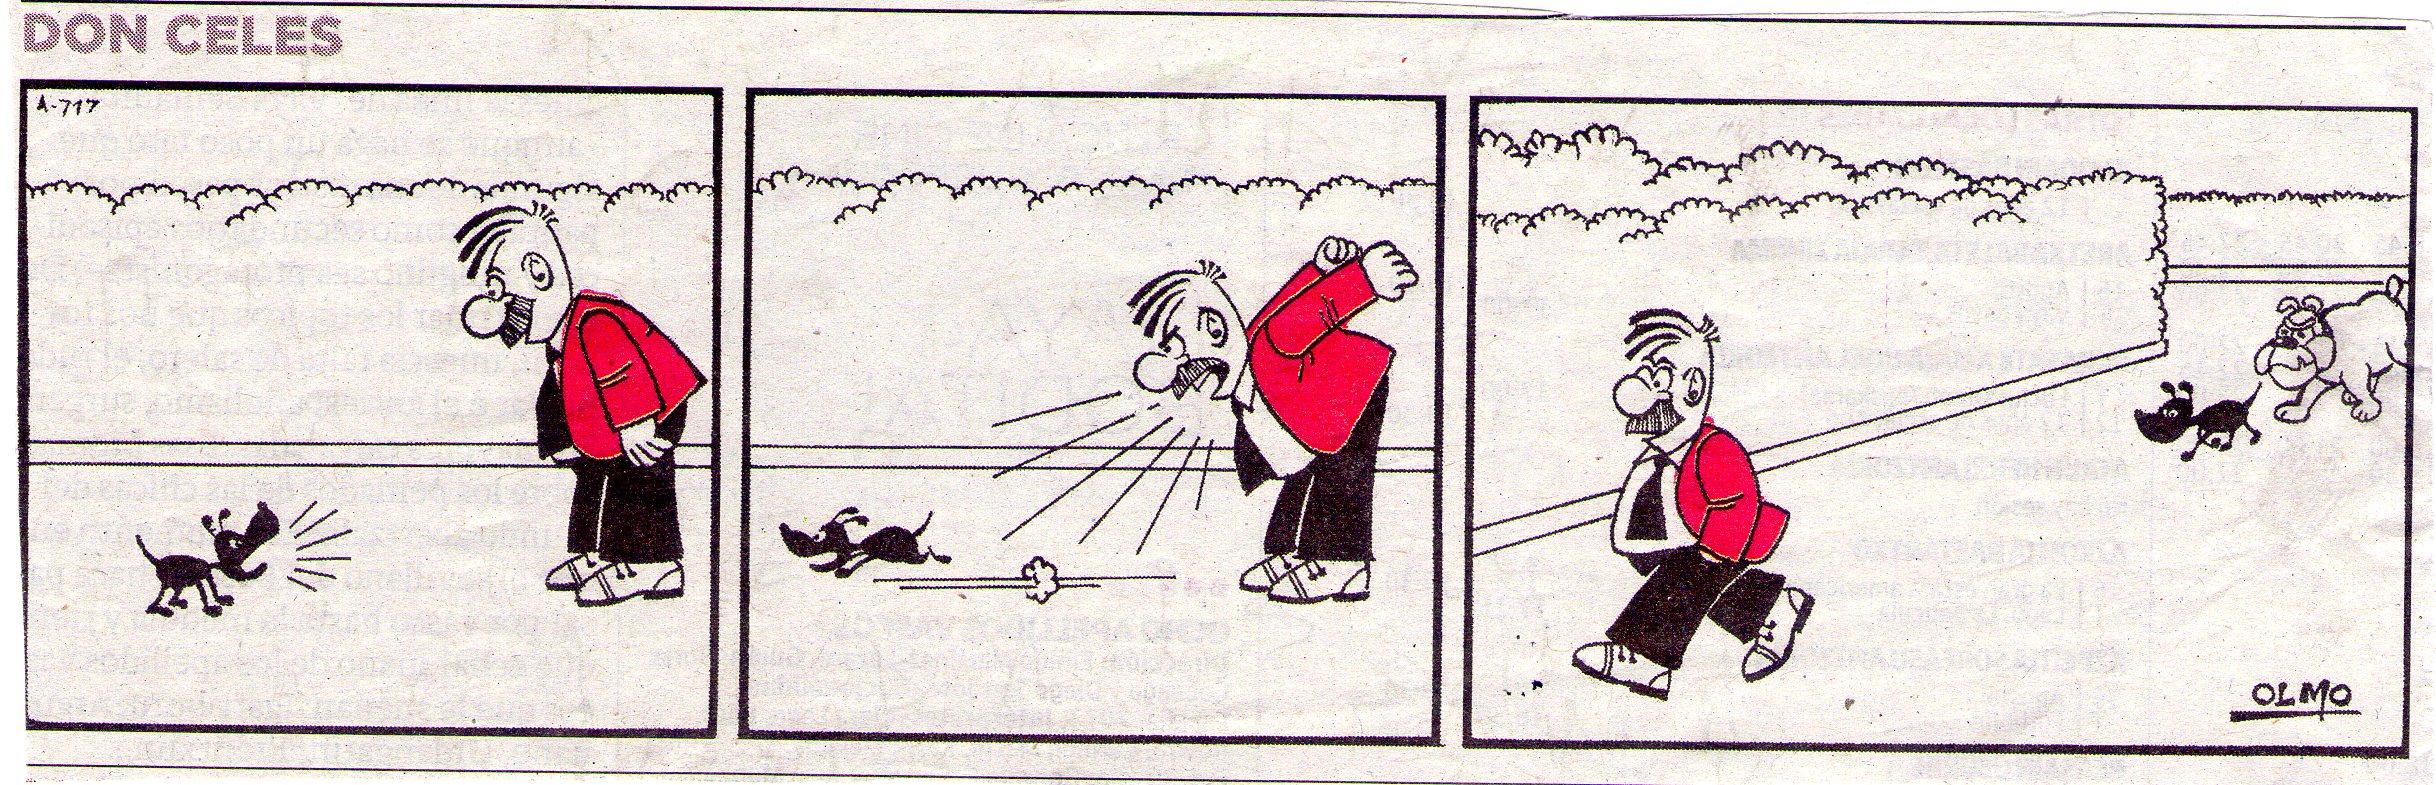 El perro pequeño busca ayuda